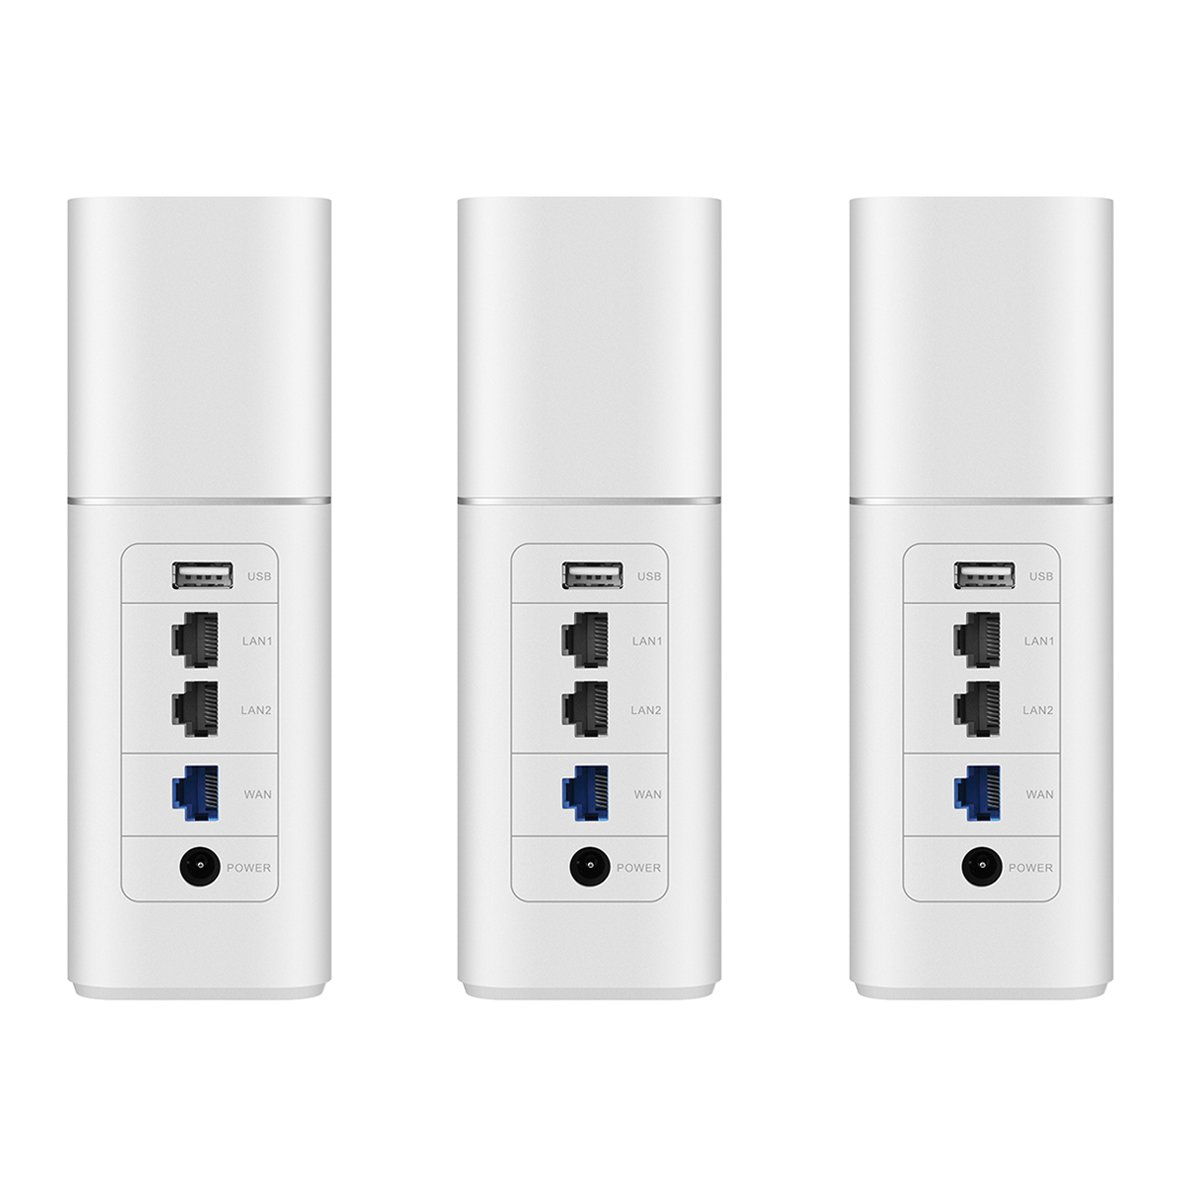 Huawei 53036238/A1/Secure SISTEMA HOME Mesh Router Wi-Fi 3/pezzi protezione di sicurezza con protezione dei giovani Wi-Fi Long Range Extender ricambio